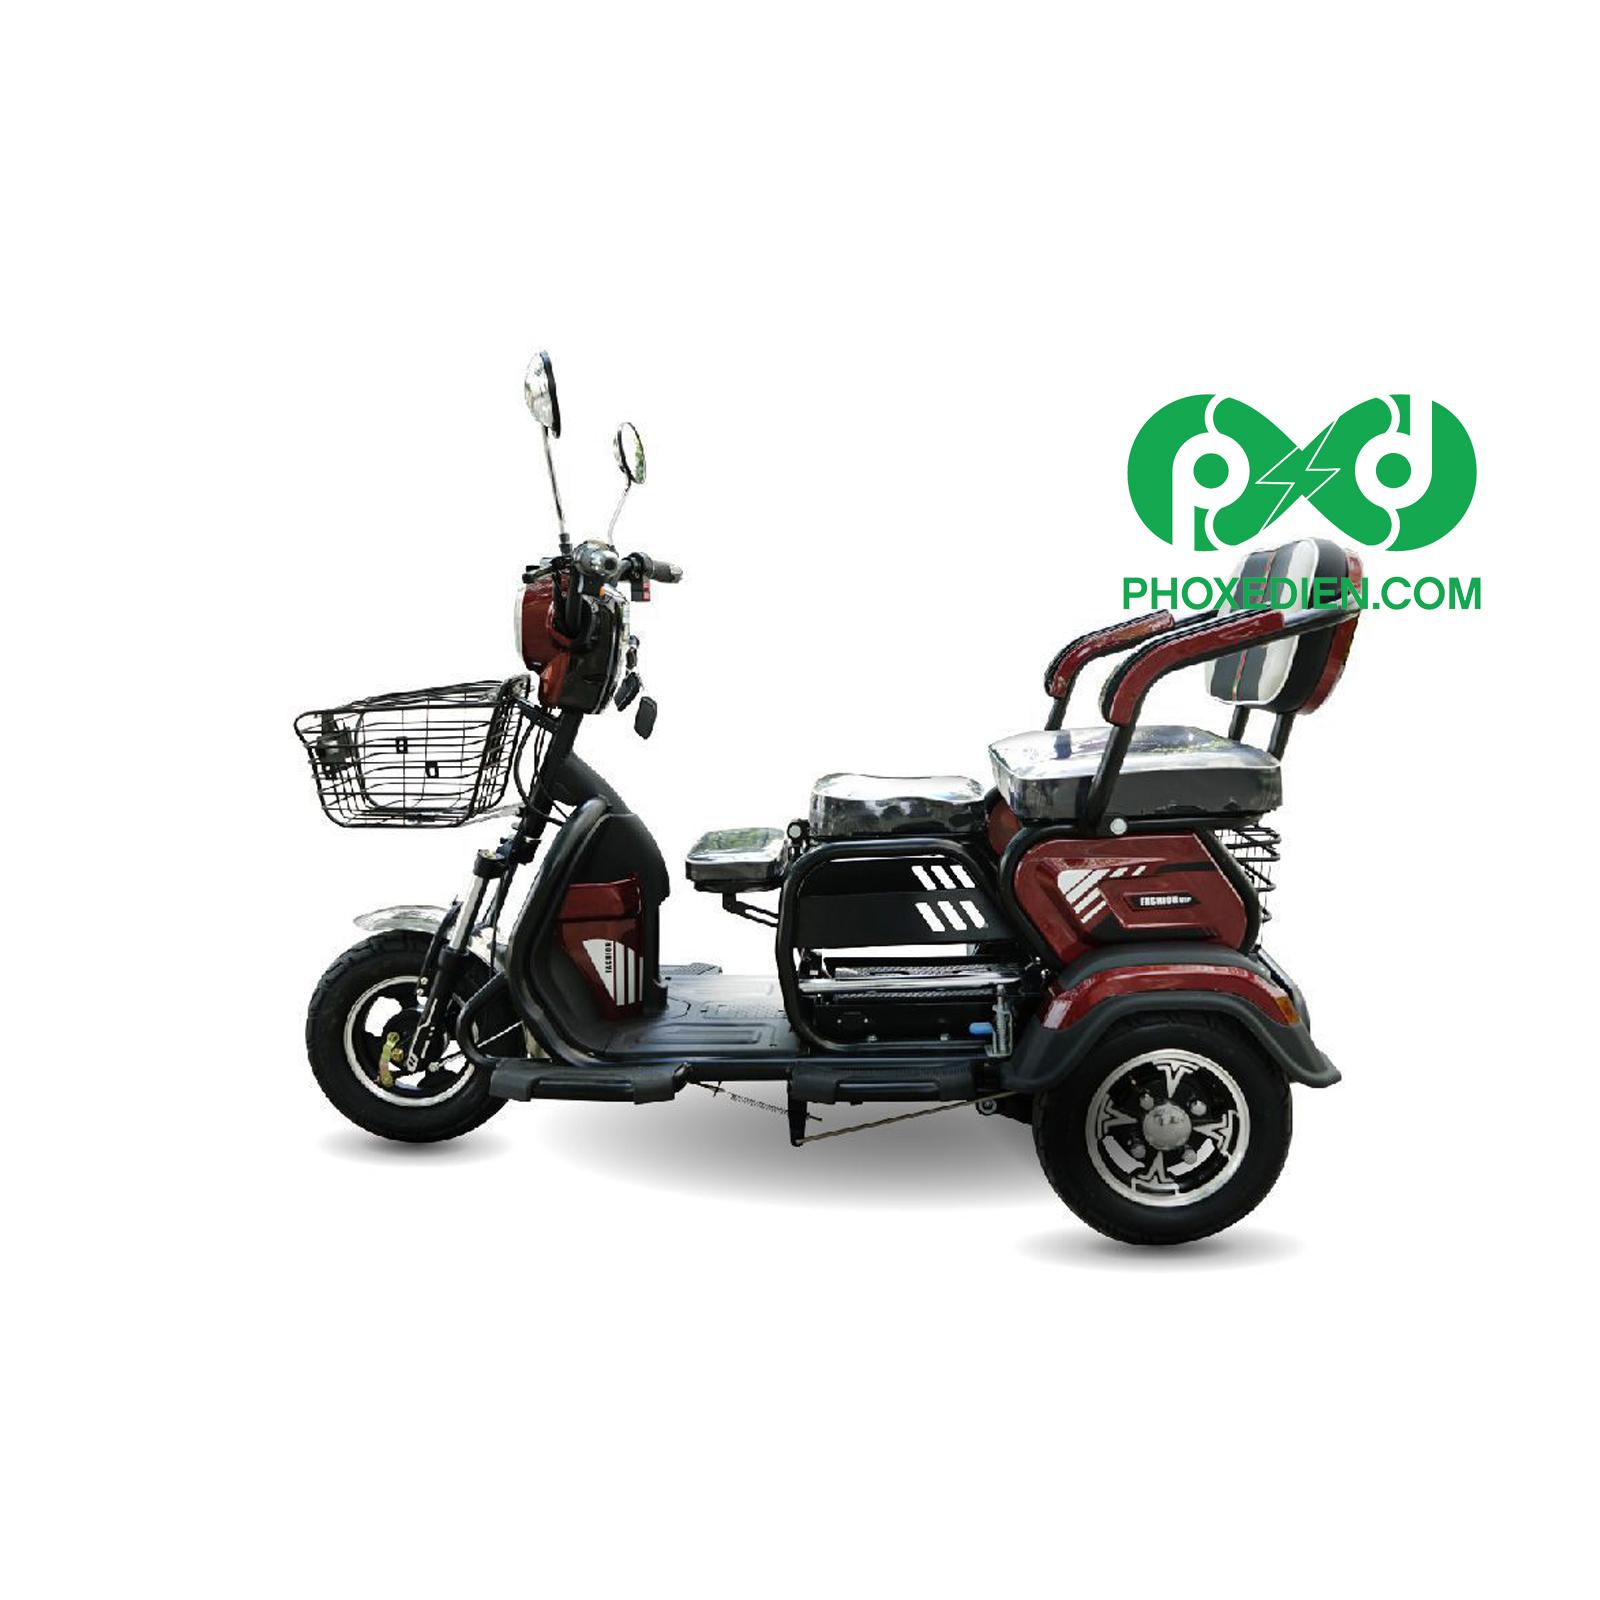 Xe điện 3 bánh có những cấu tạo thích hợp cho người già và người khuyết tật.